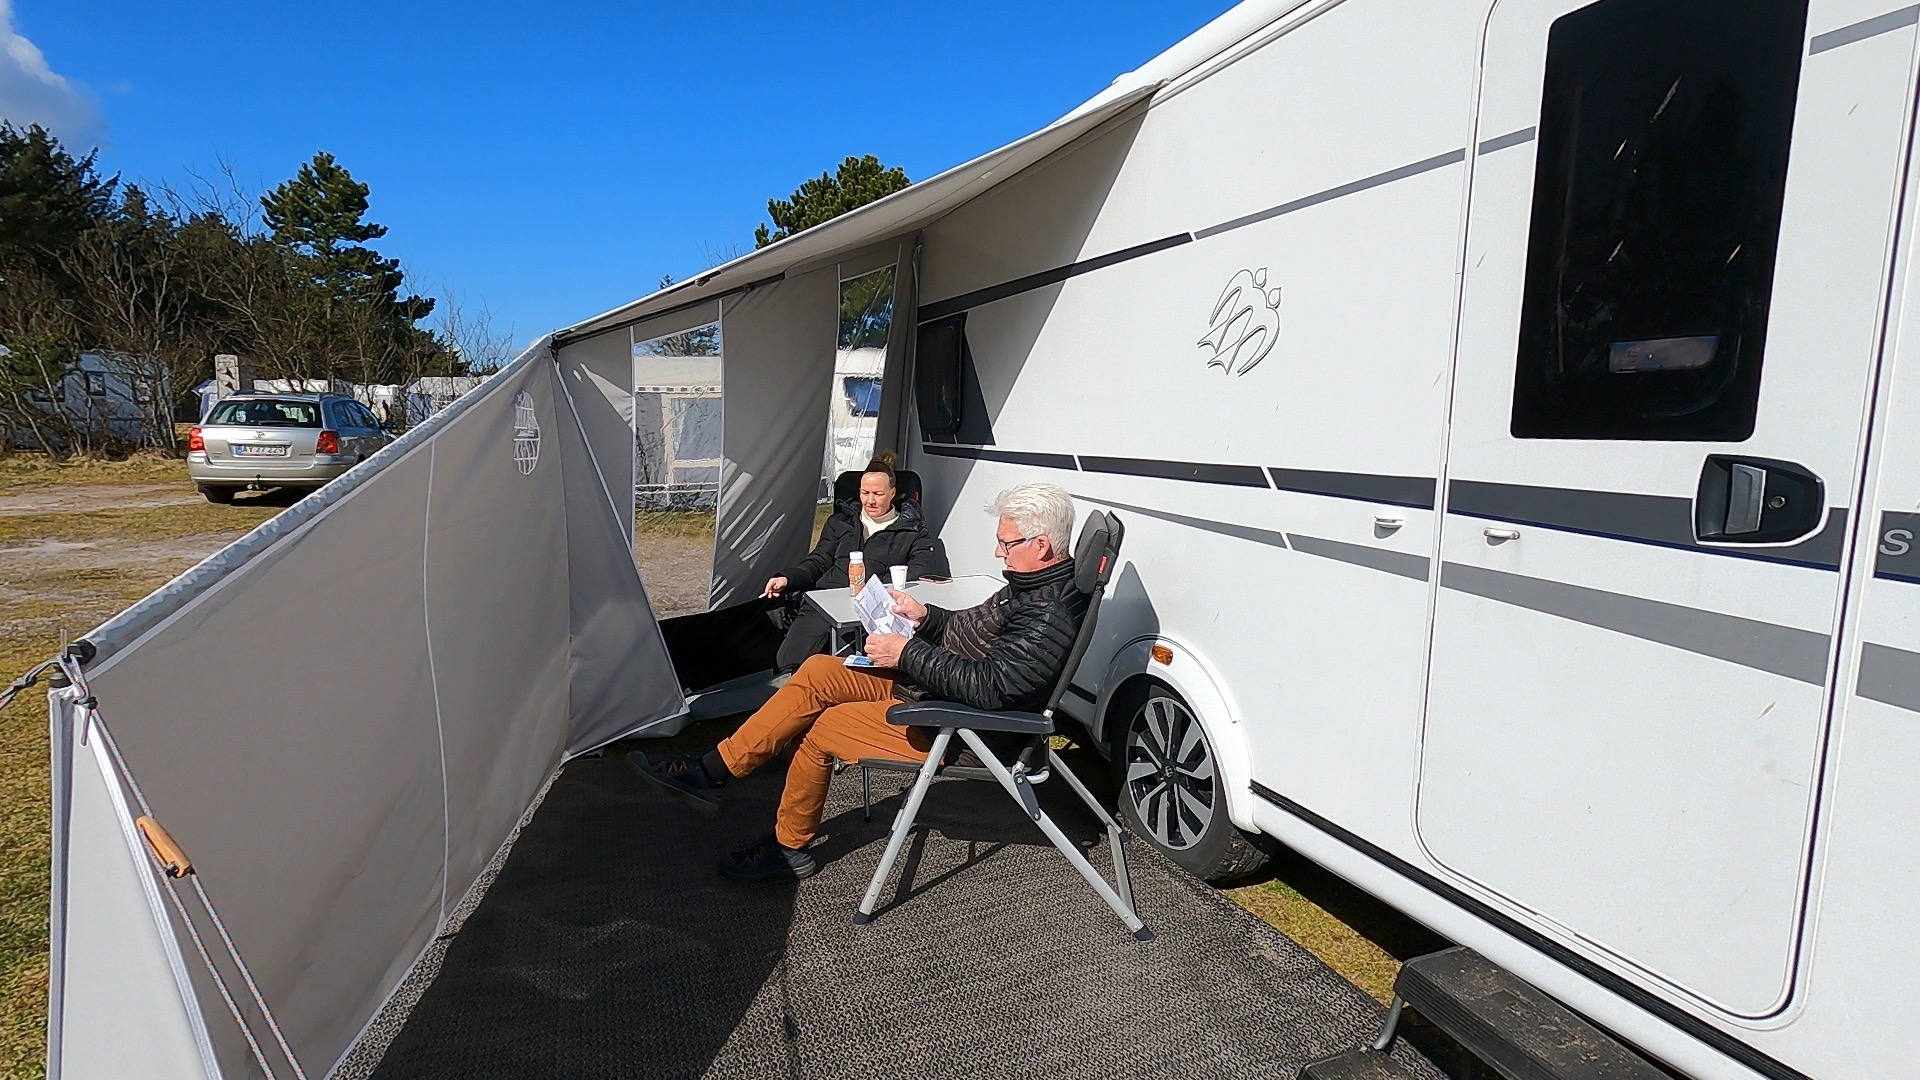 Campingtur med rabat på overnatning og test af 4 solsejl - del 4 + film (Reklame)